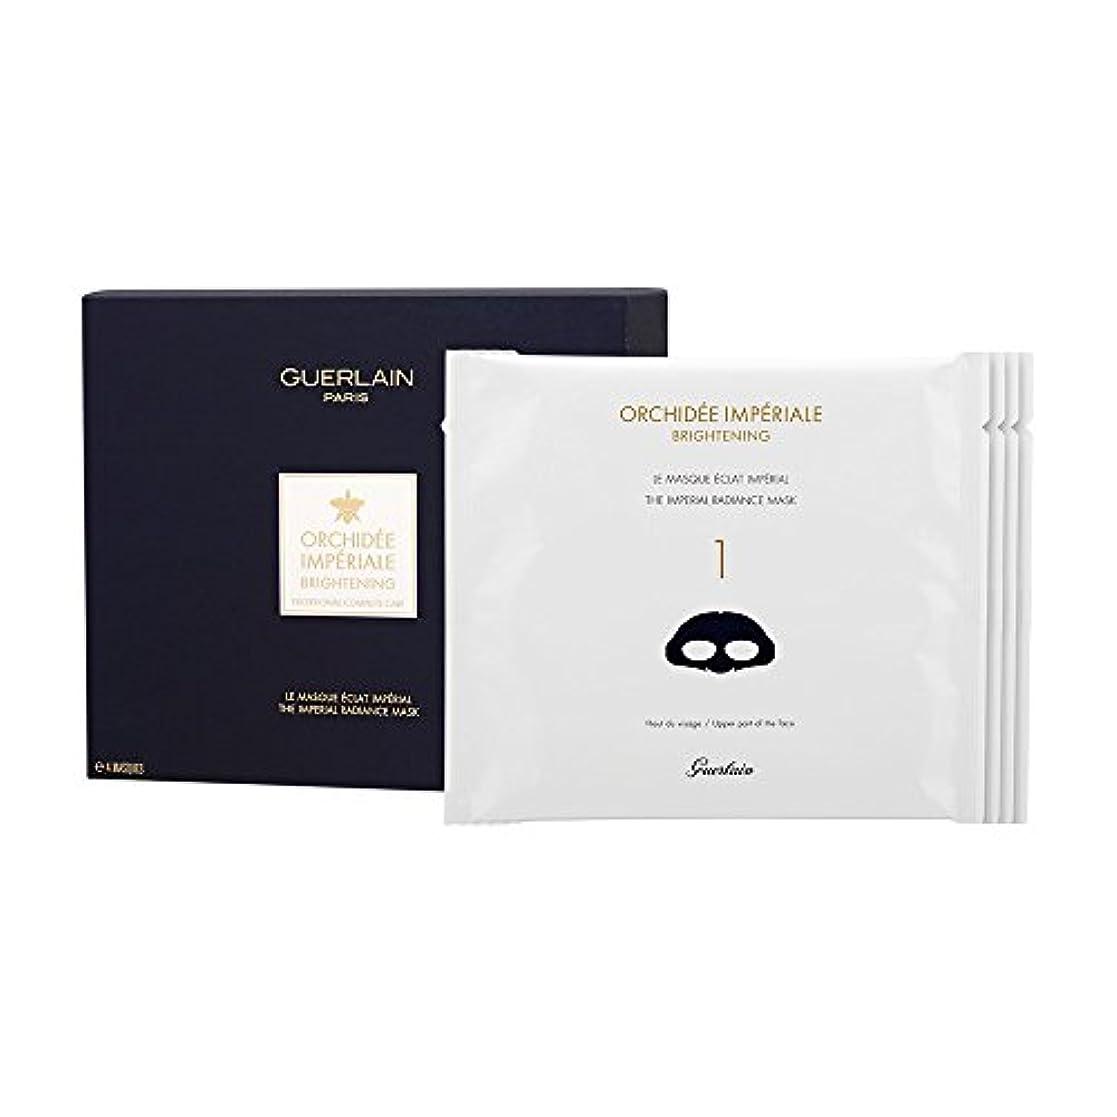 発表する葬儀立場ゲラン(Guerlain) オーキデ アンペリアル ザ ラディアンス マスク 4Masks [並行輸入品]